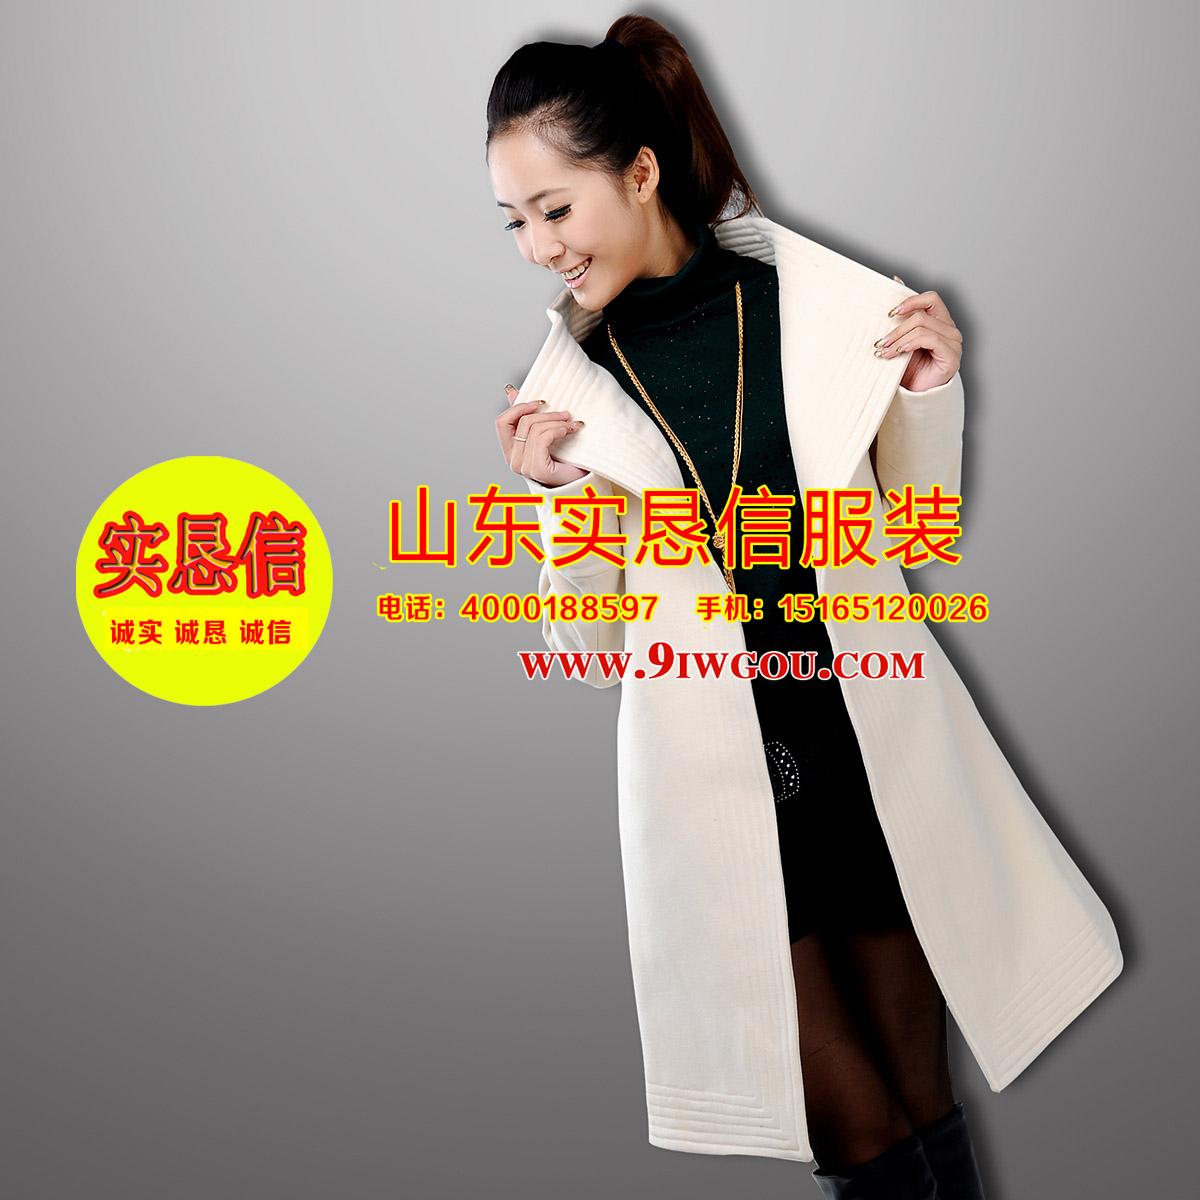 淄博哪里卖衣服好看,【实恳信供应超显瘦的毛呢外套】